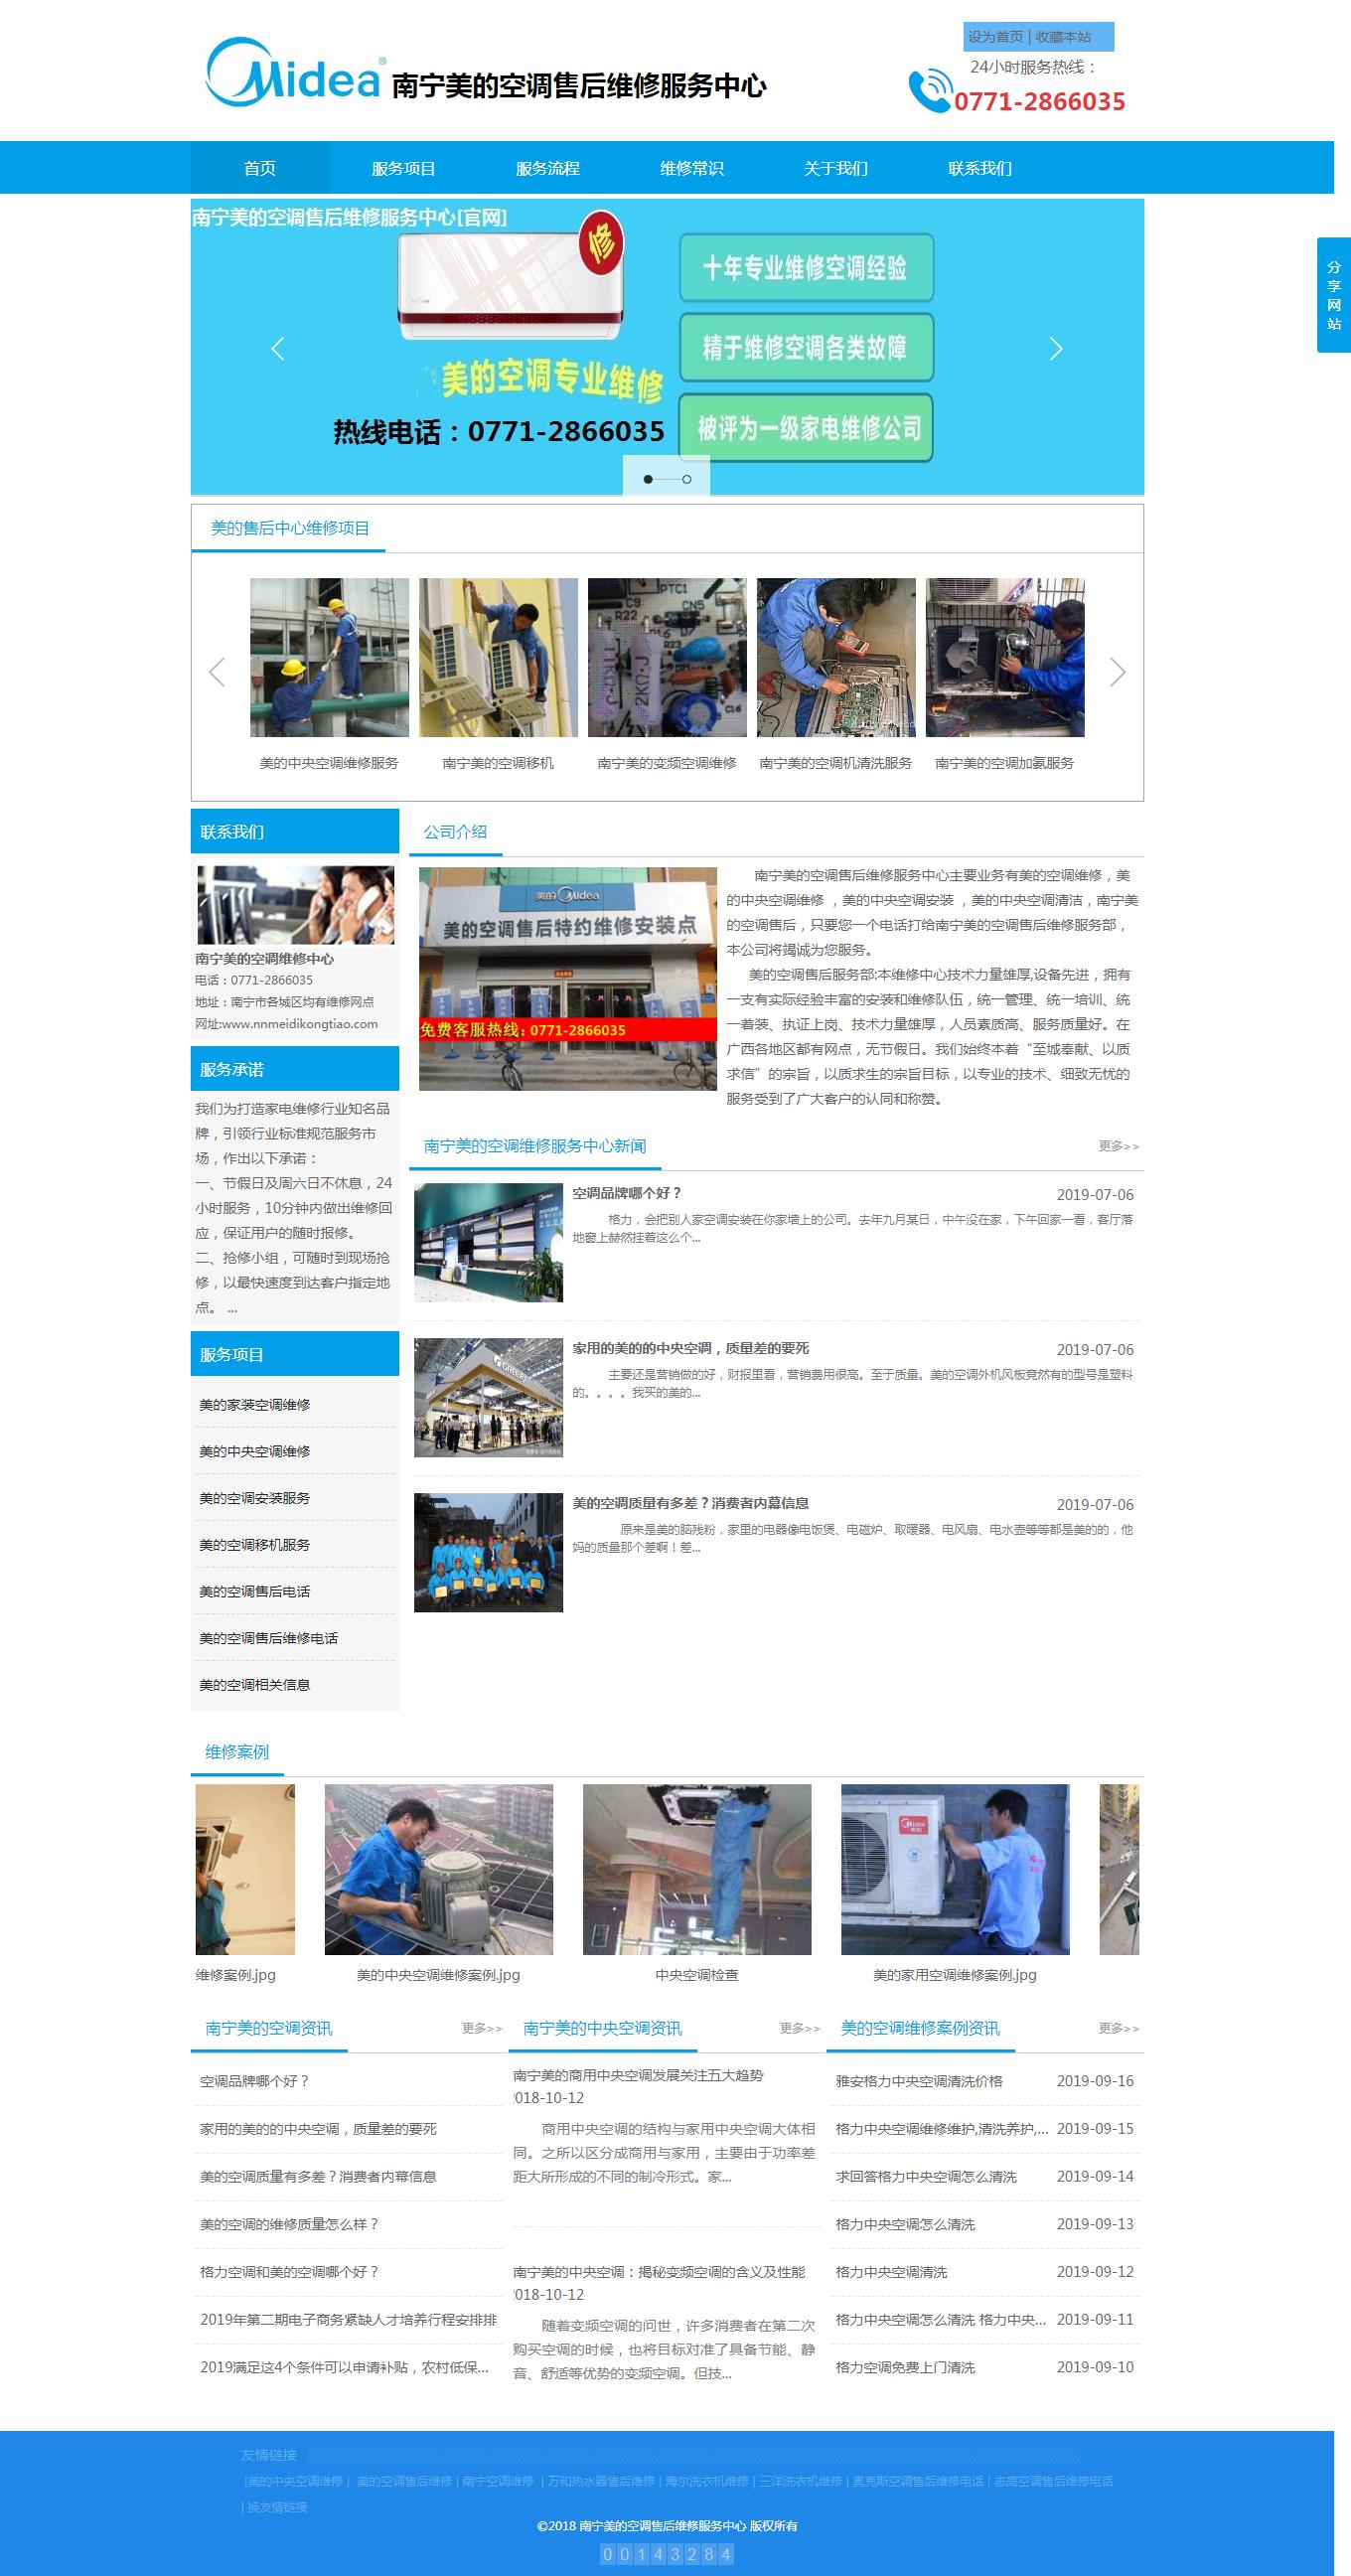 sbf888胜博发美的空调售后维修中心_美的空调售后服务部电话.png